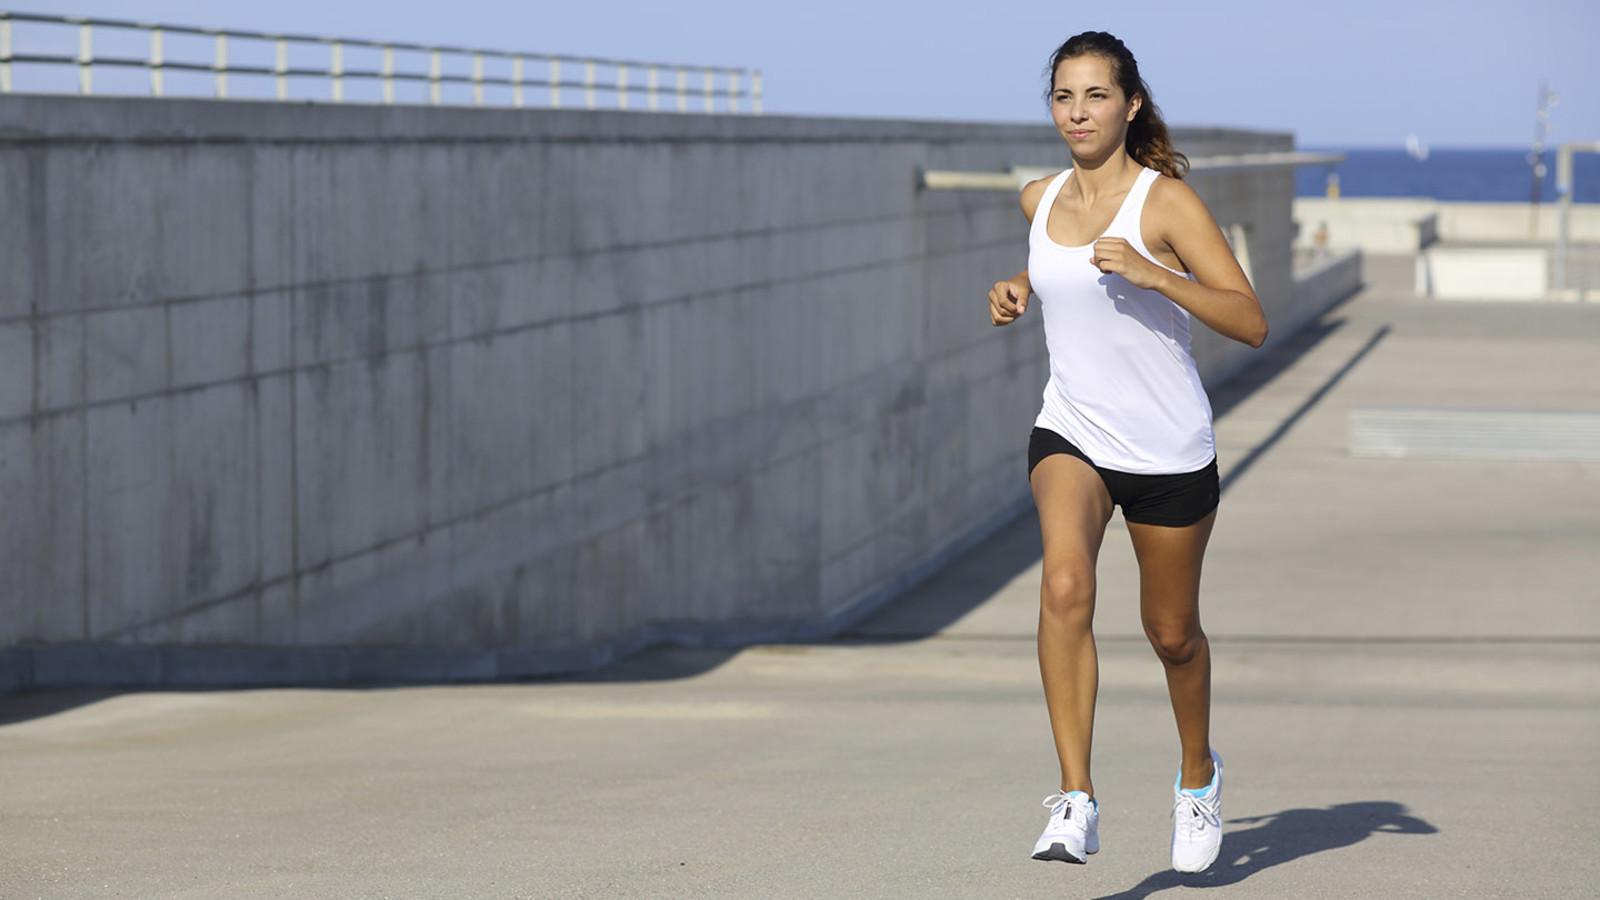 Cu ntos hay que correr a la semana para adelgazar for Deportes para adelgazar